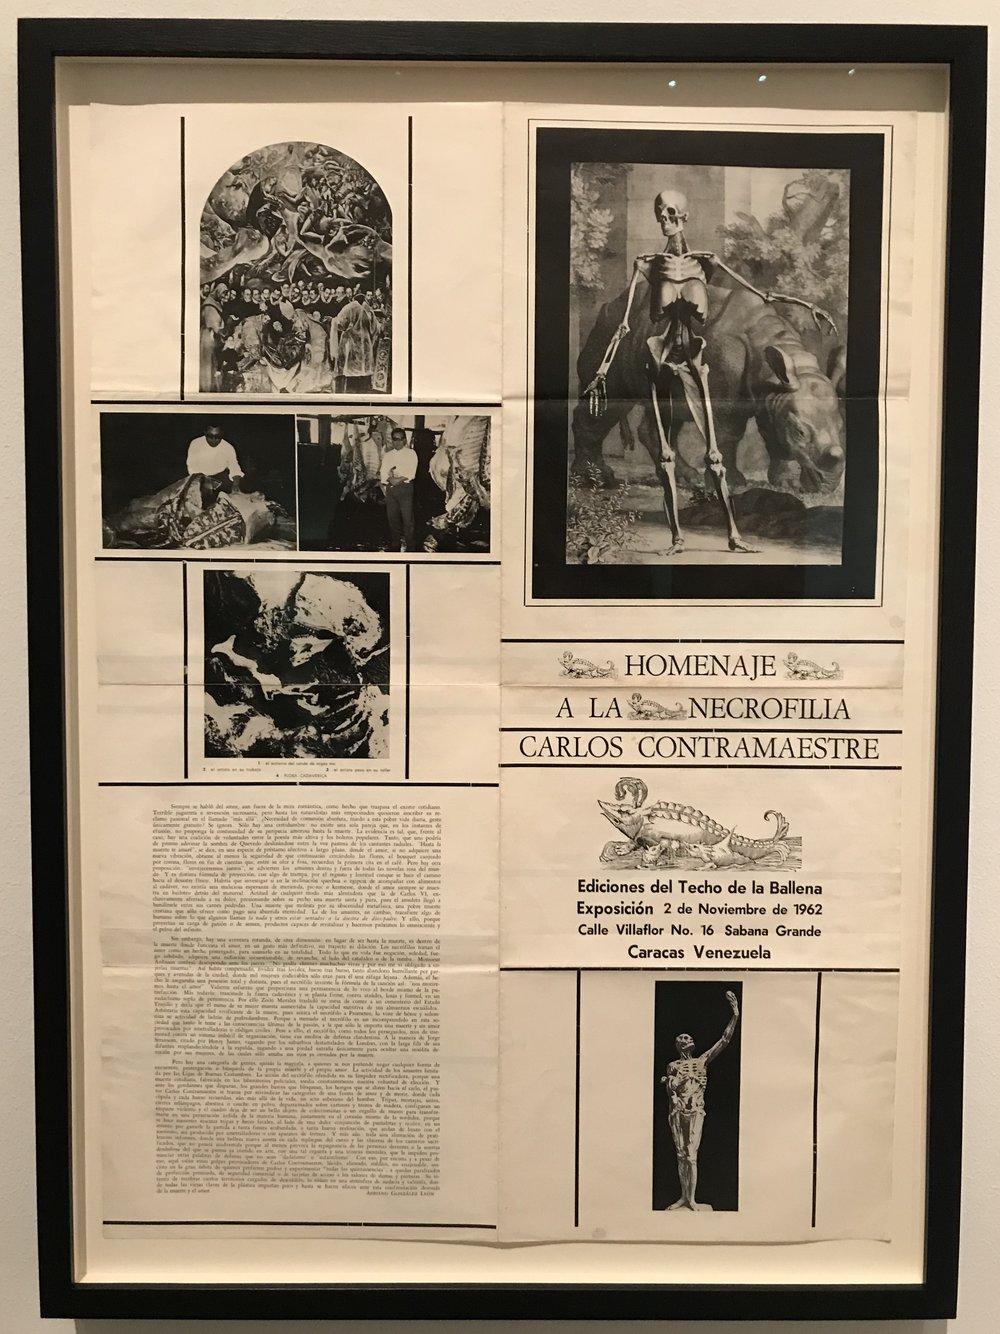 Show brochure for Carlos Contramaestre's  Homenaje a la Necrofilia  exhibition (1962)